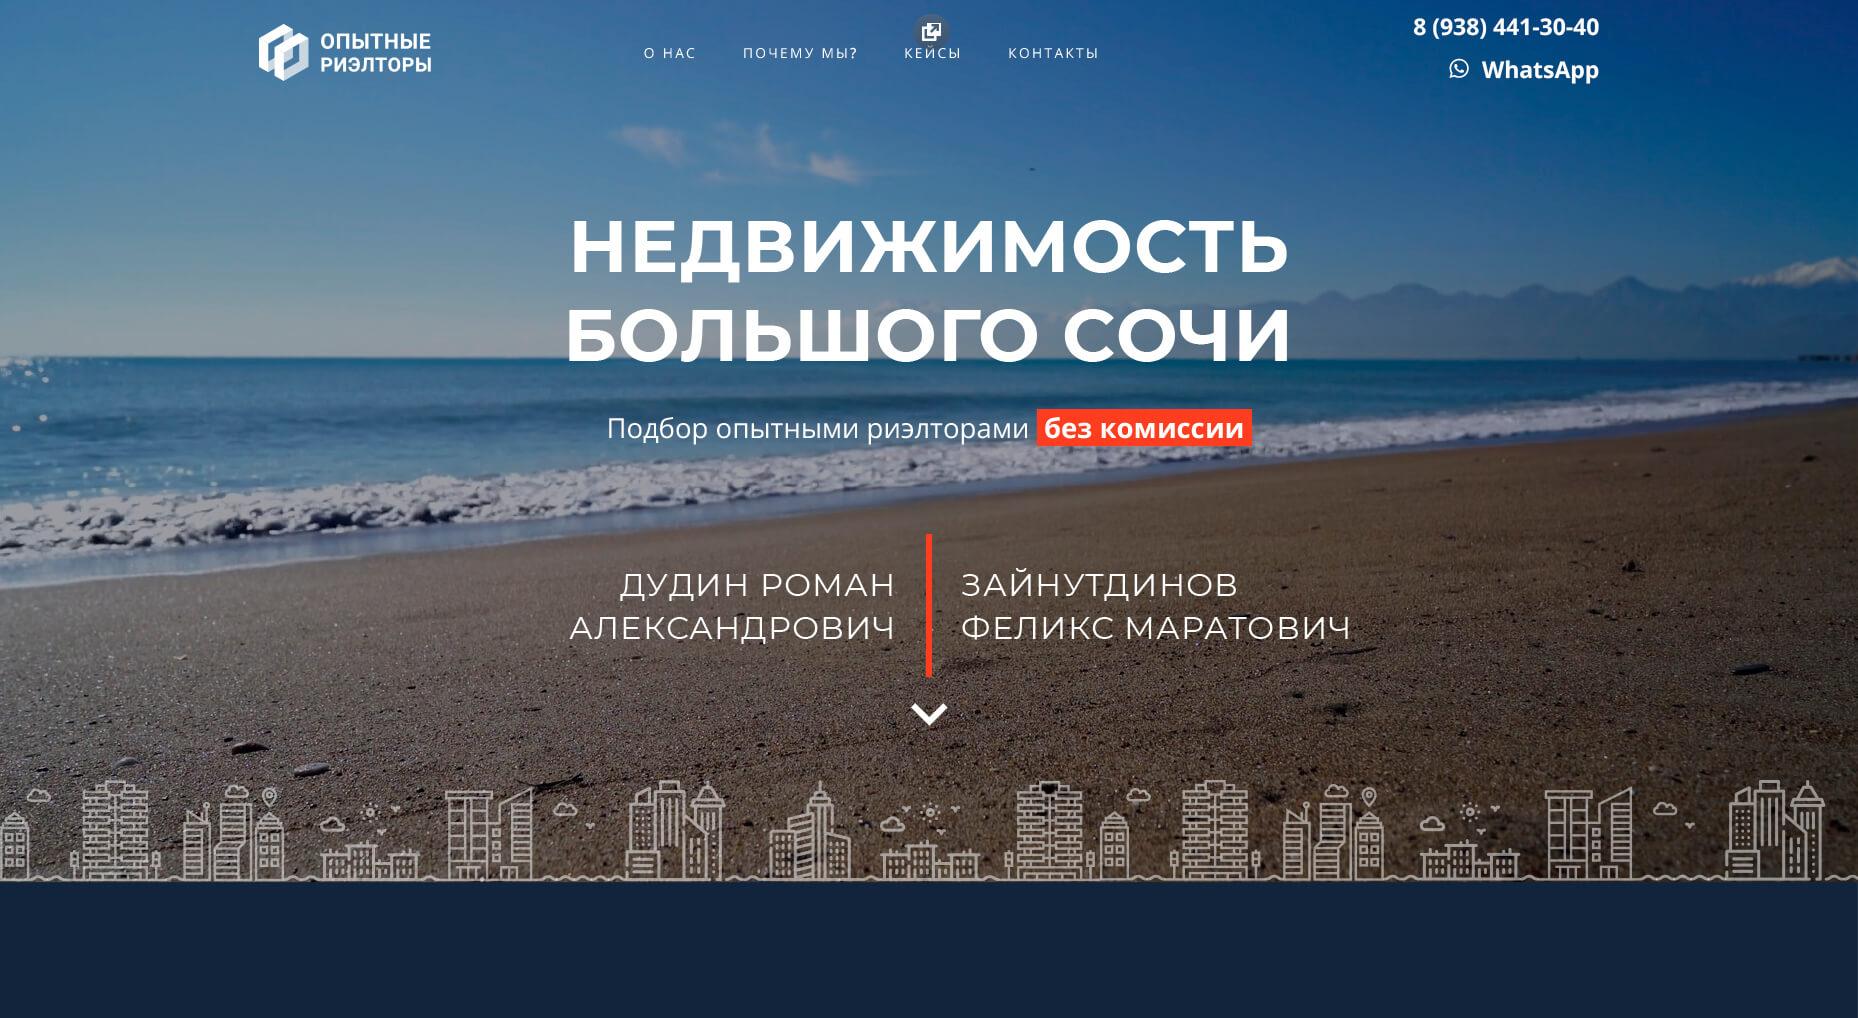 Создание сайта по ремонту квартир в Севастополе